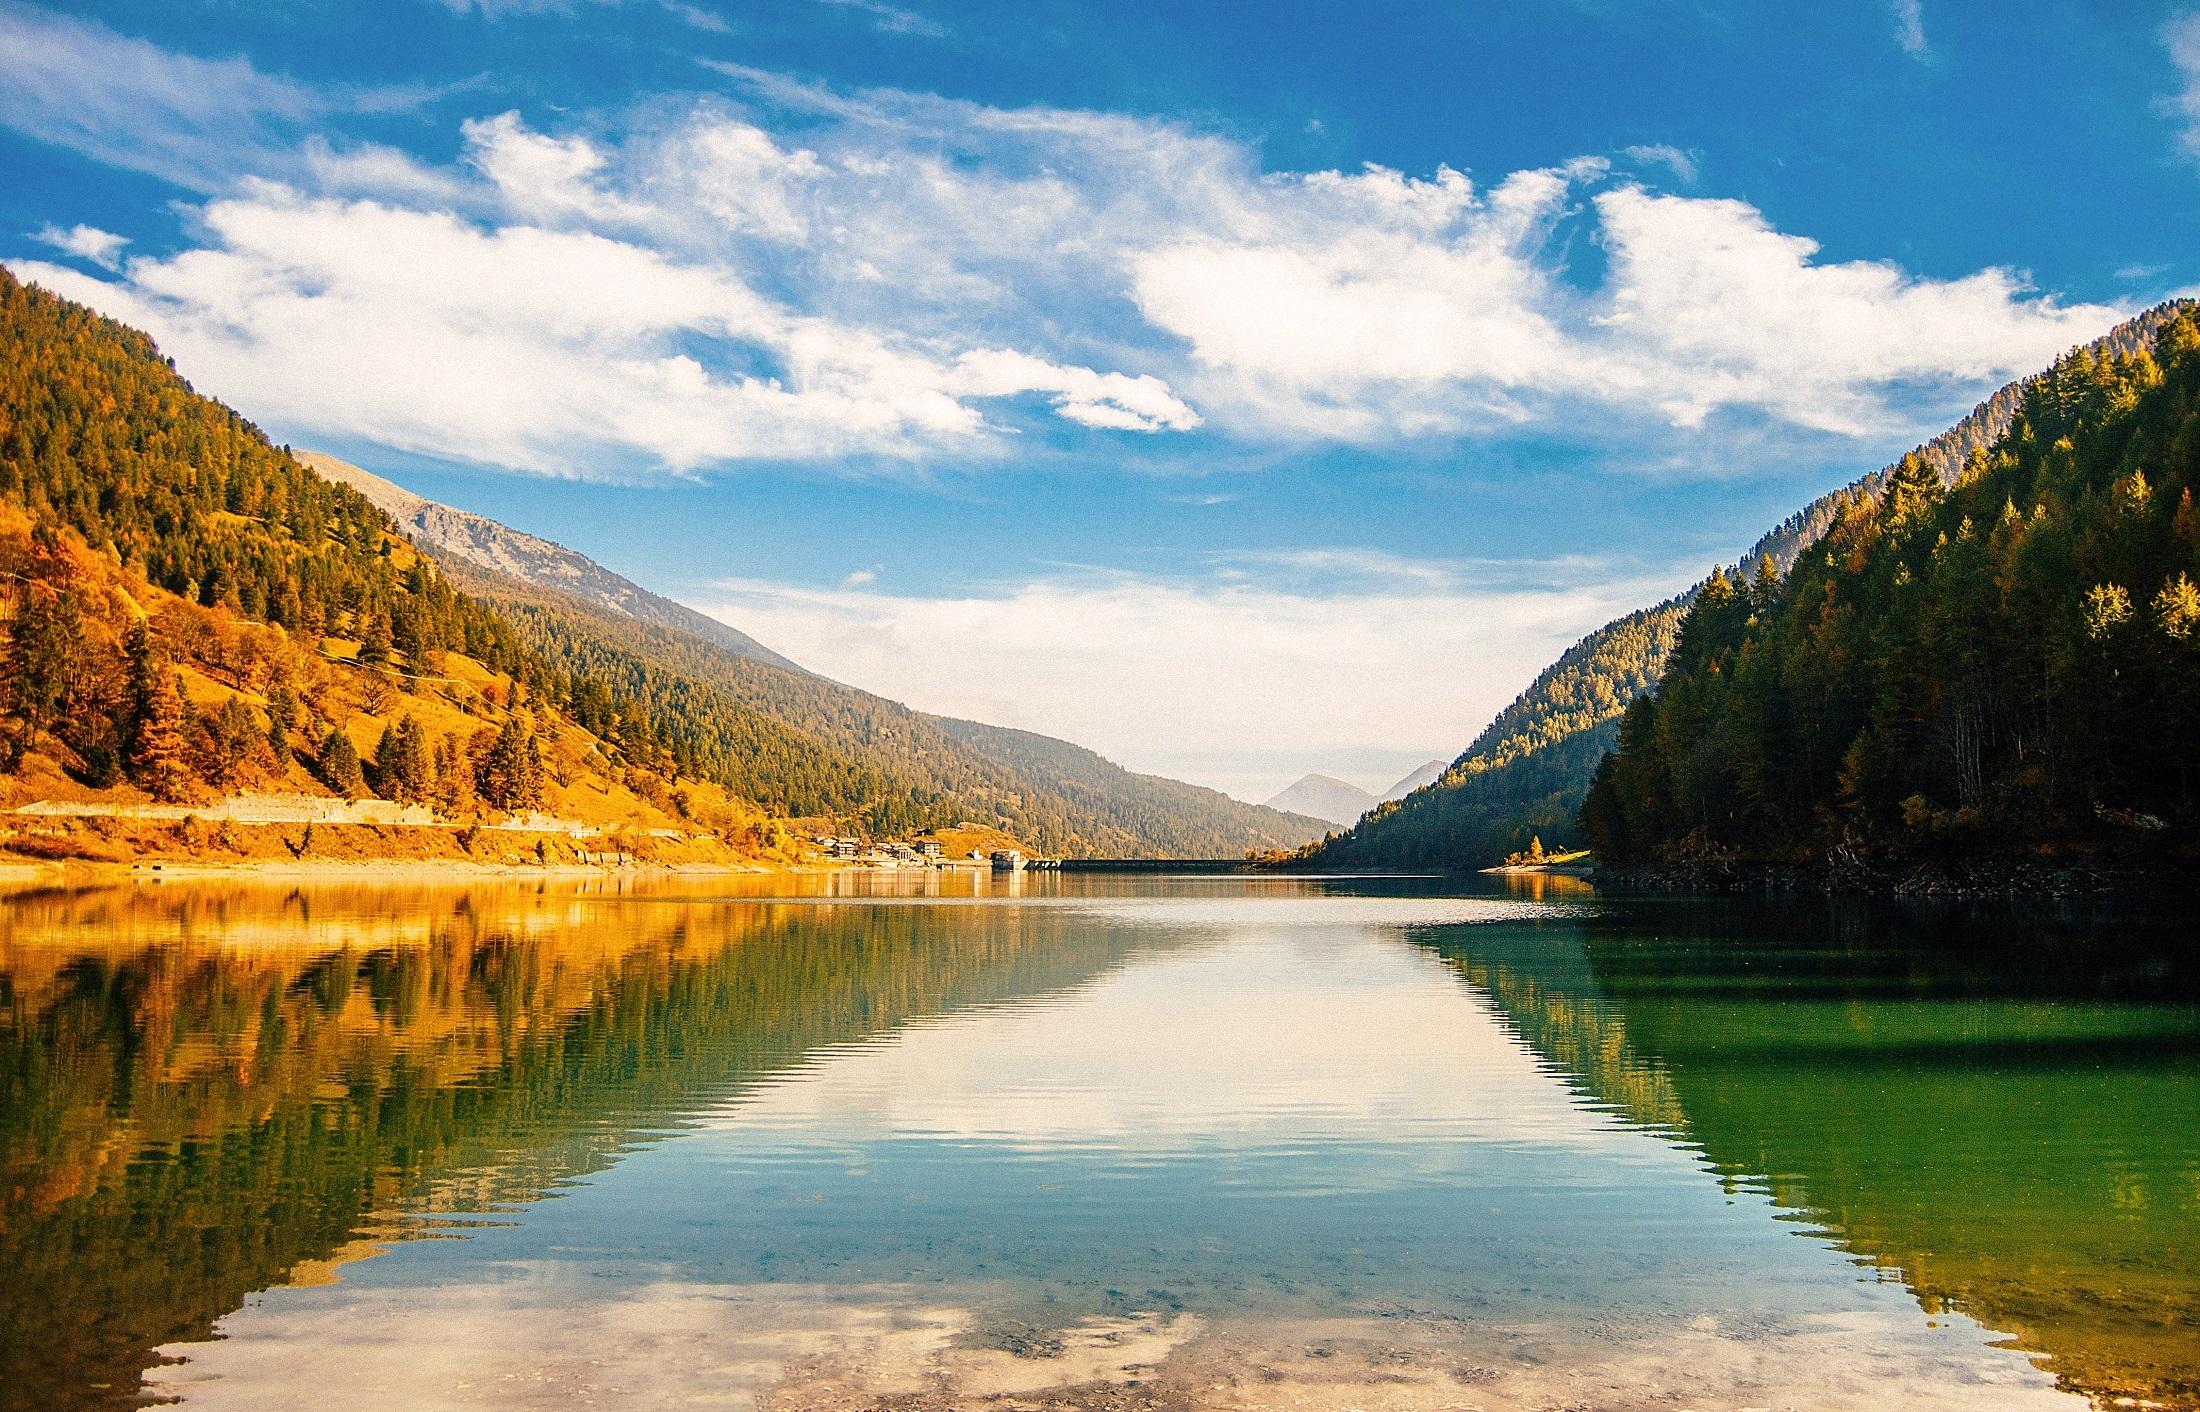 Beautiful lake photo